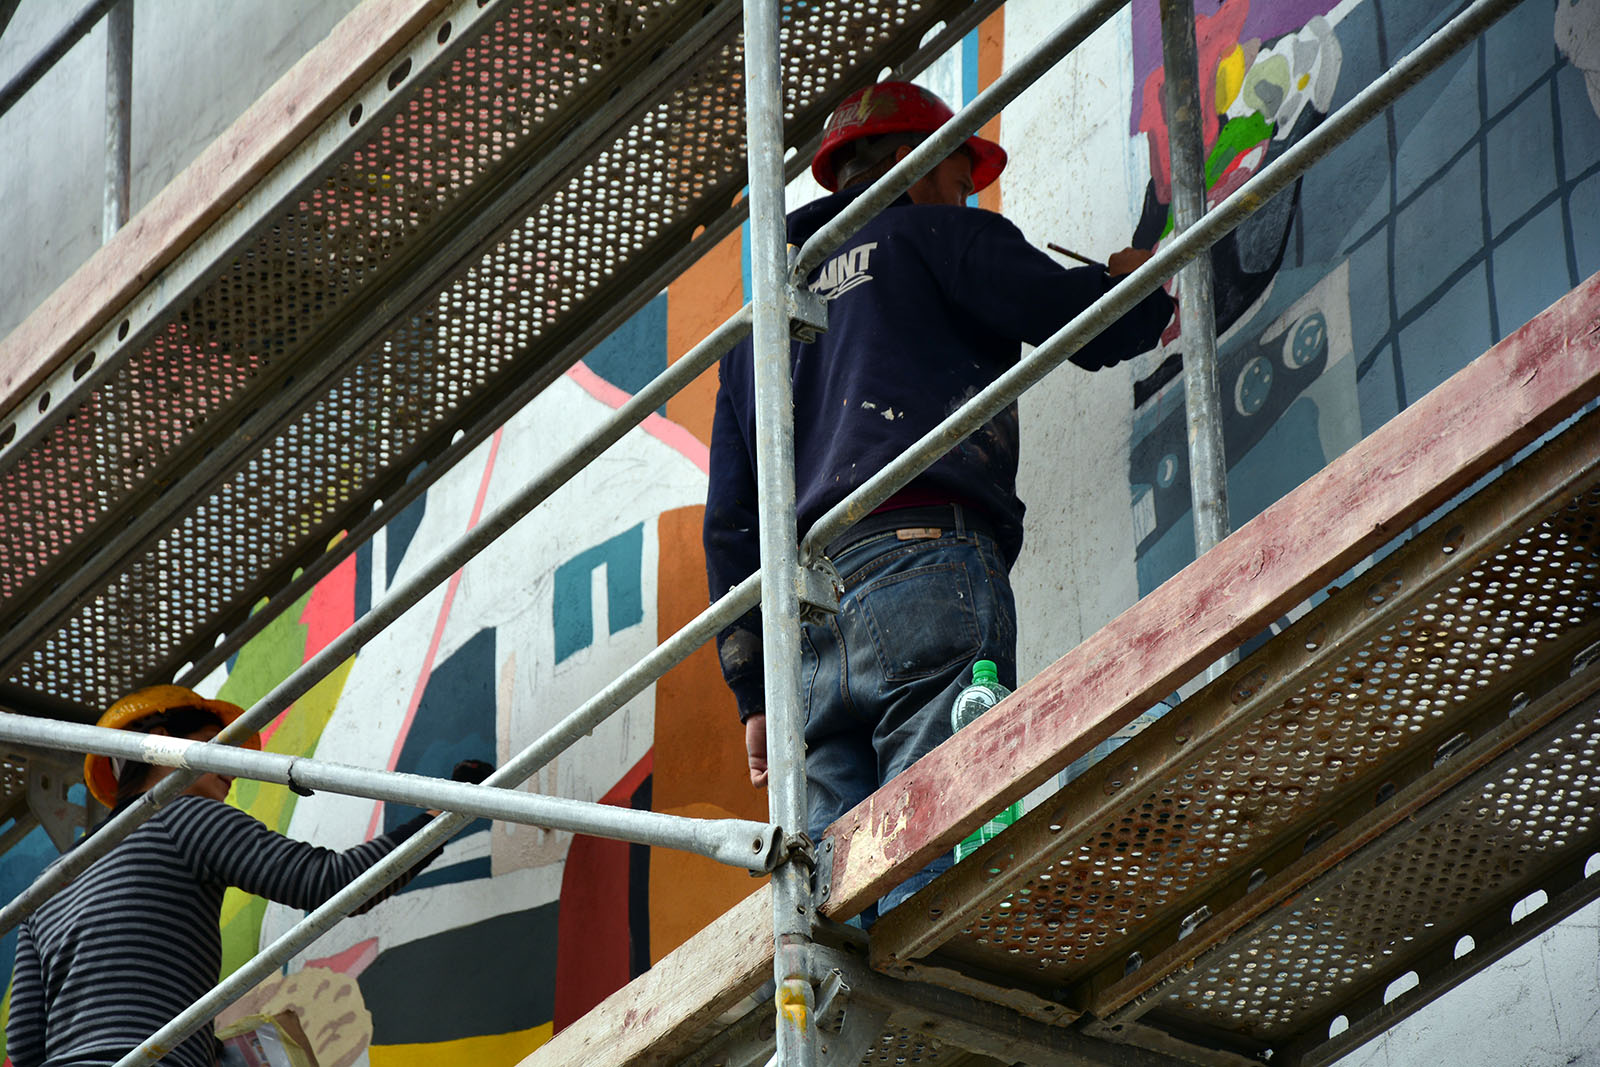 neopaint works - tűzfalfestés - falfestmény - dekorációs festés - graffiti (31)